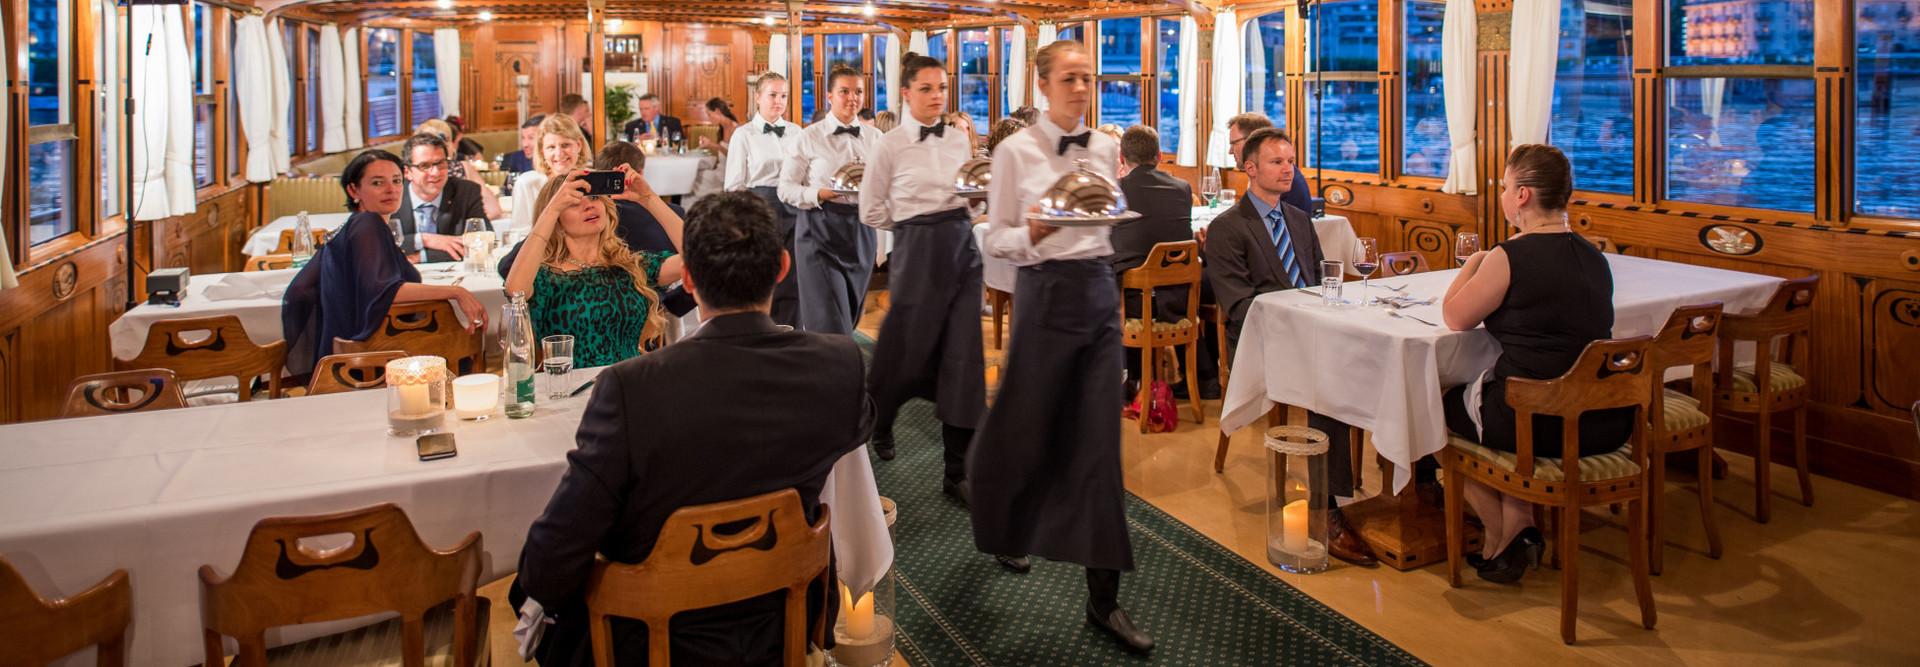 Auf einem Dampfschiff der Schifffahrtsgesellschaft des Vierwaldstättersees wird ein Gala-Dinner serviert.